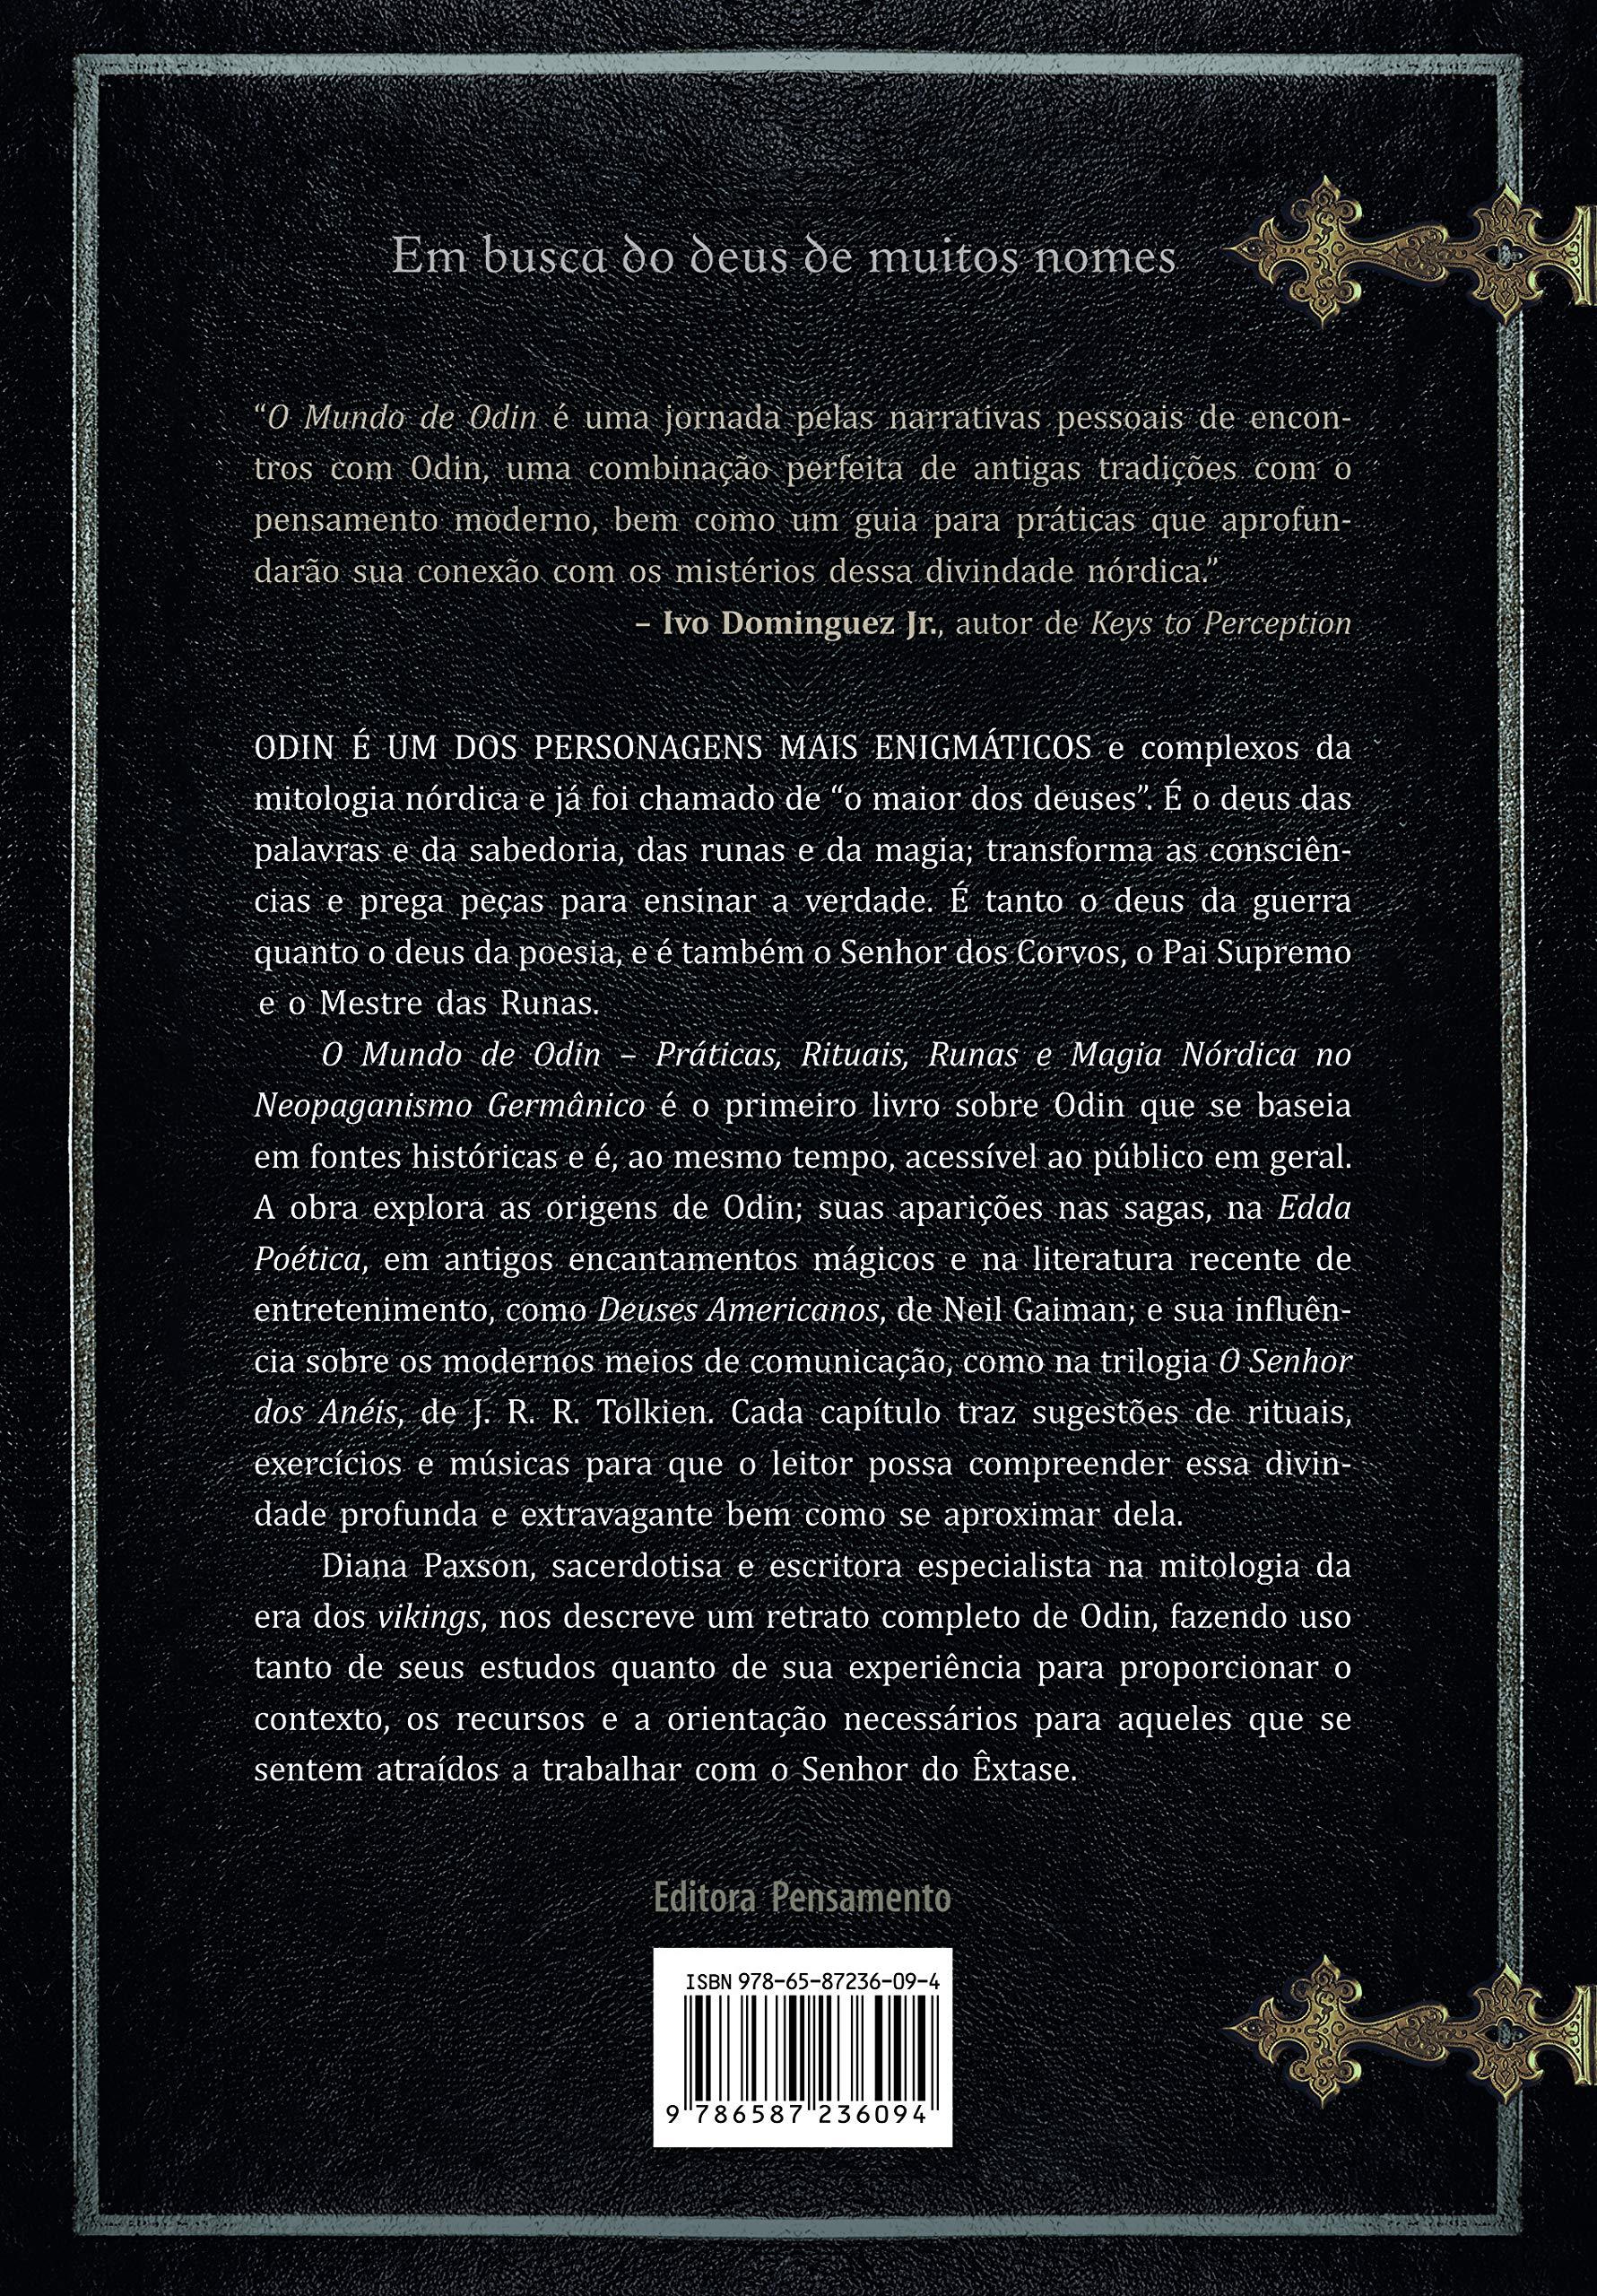 Livro 'O Mundo de Odin' por Diana L. Paxon